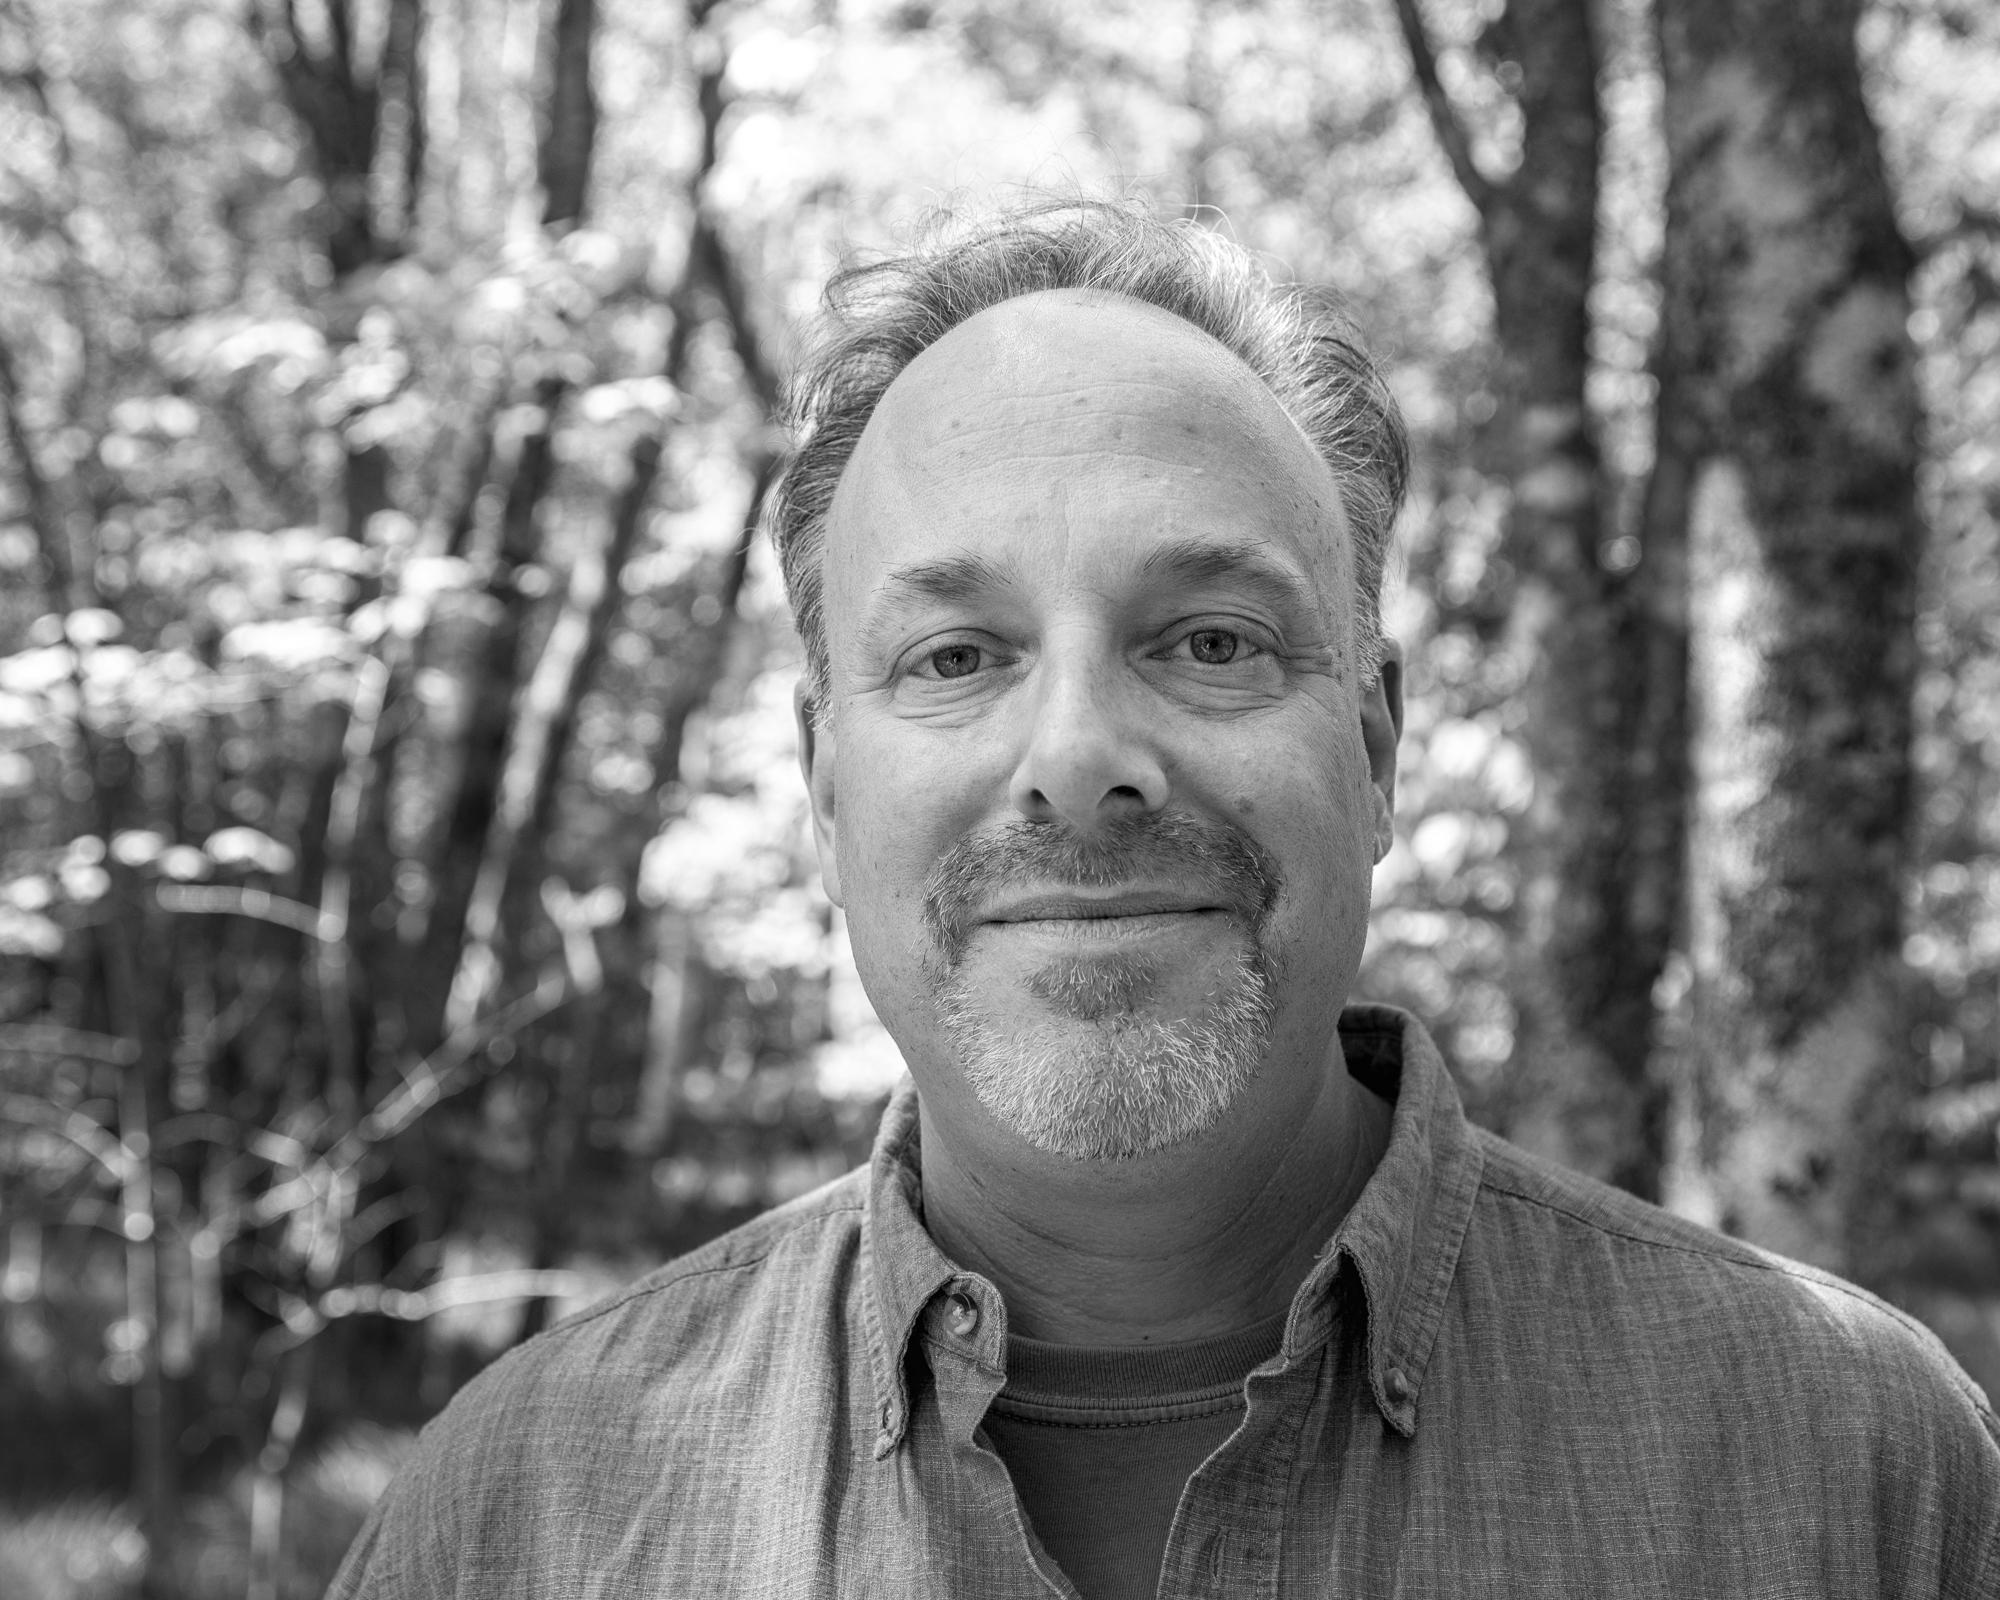 Josh Winer, Acadia Photo Safari Guide